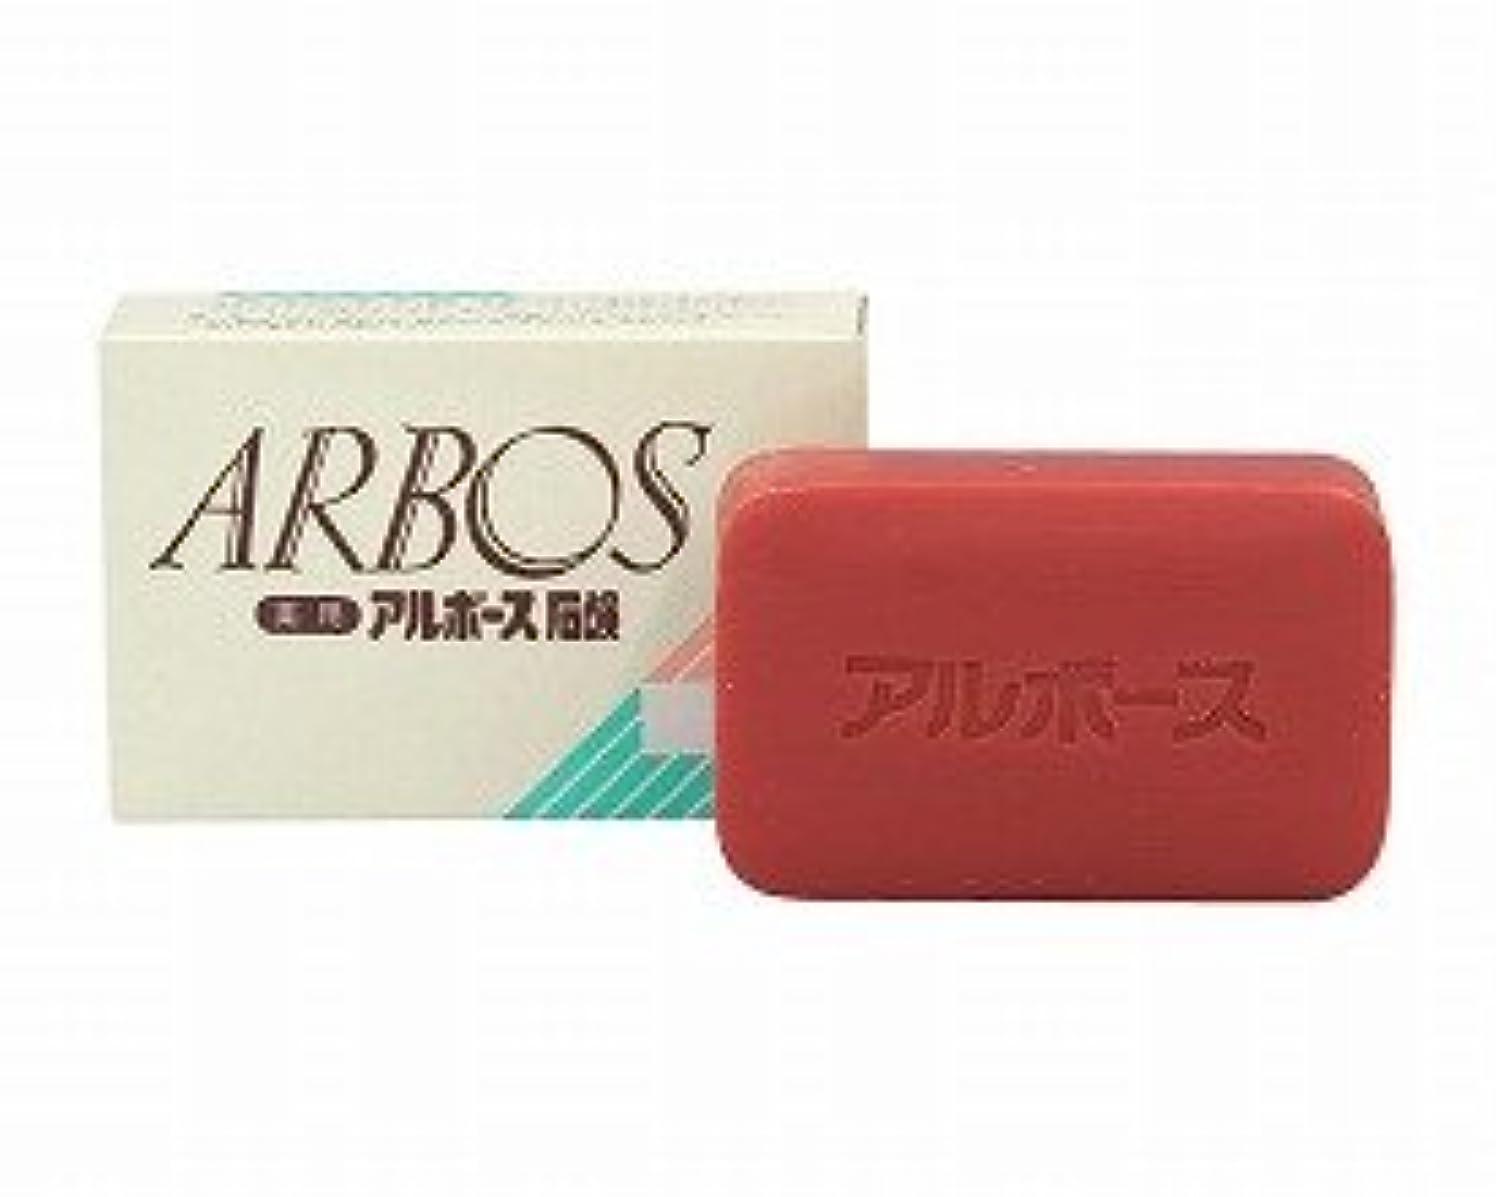 ジャベスウィルソン把握劣る薬用アルボース石鹸 85g 1ケース(240個入) (アルボース) (清拭小物)